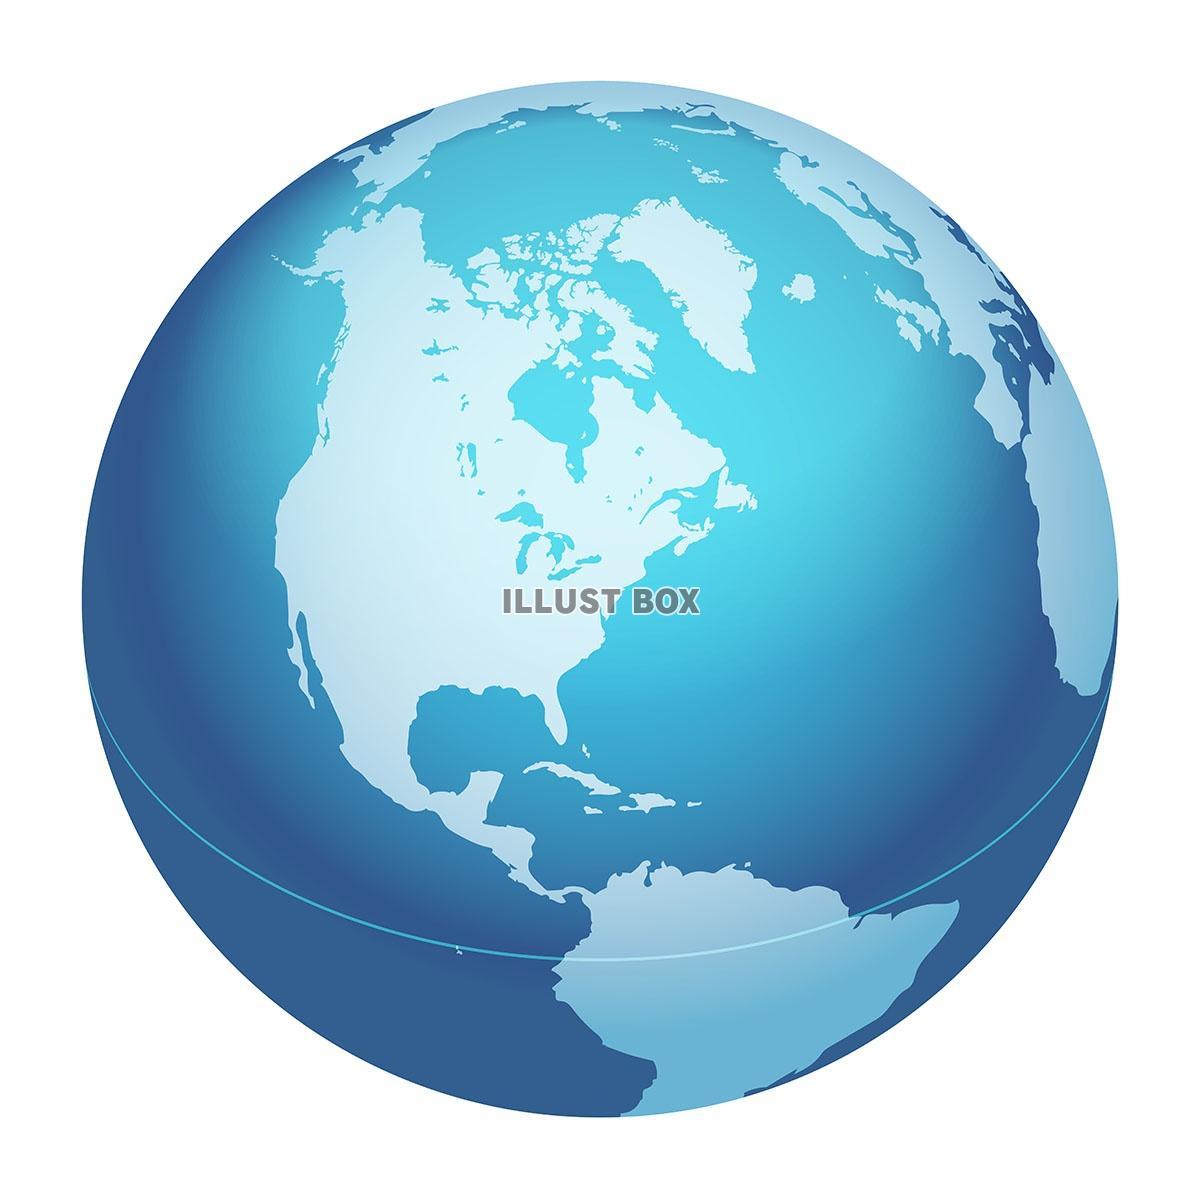 大陸 地図 アメリカ 北 アメリカ大陸(北アメリカ・南アメリカ)の歴史や特徴などの豆知識